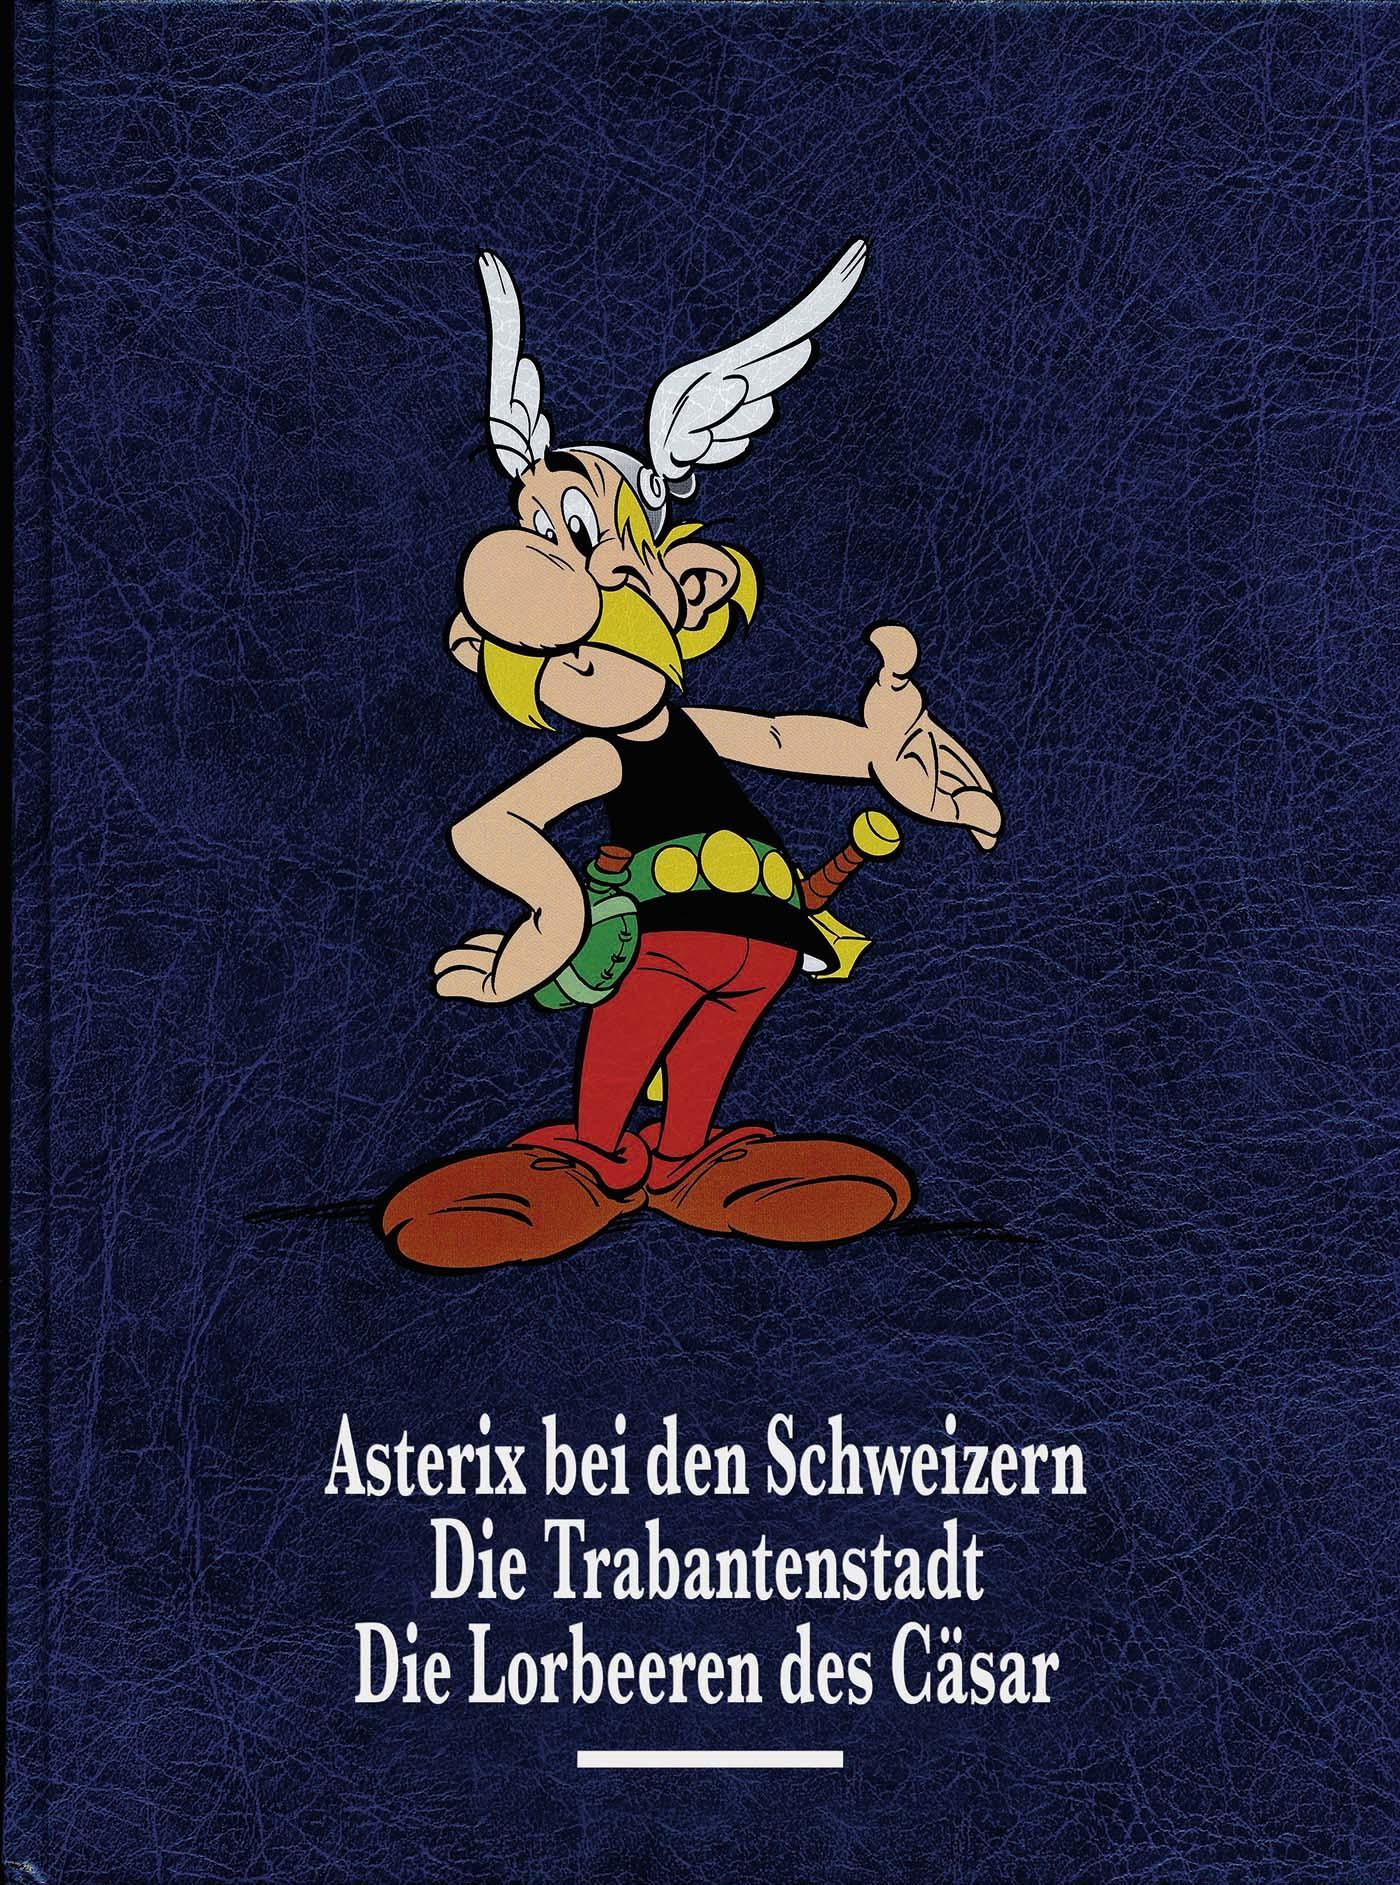 Albert Uderzo ~ Asterix Gesamtausgabe 06 9783770437856